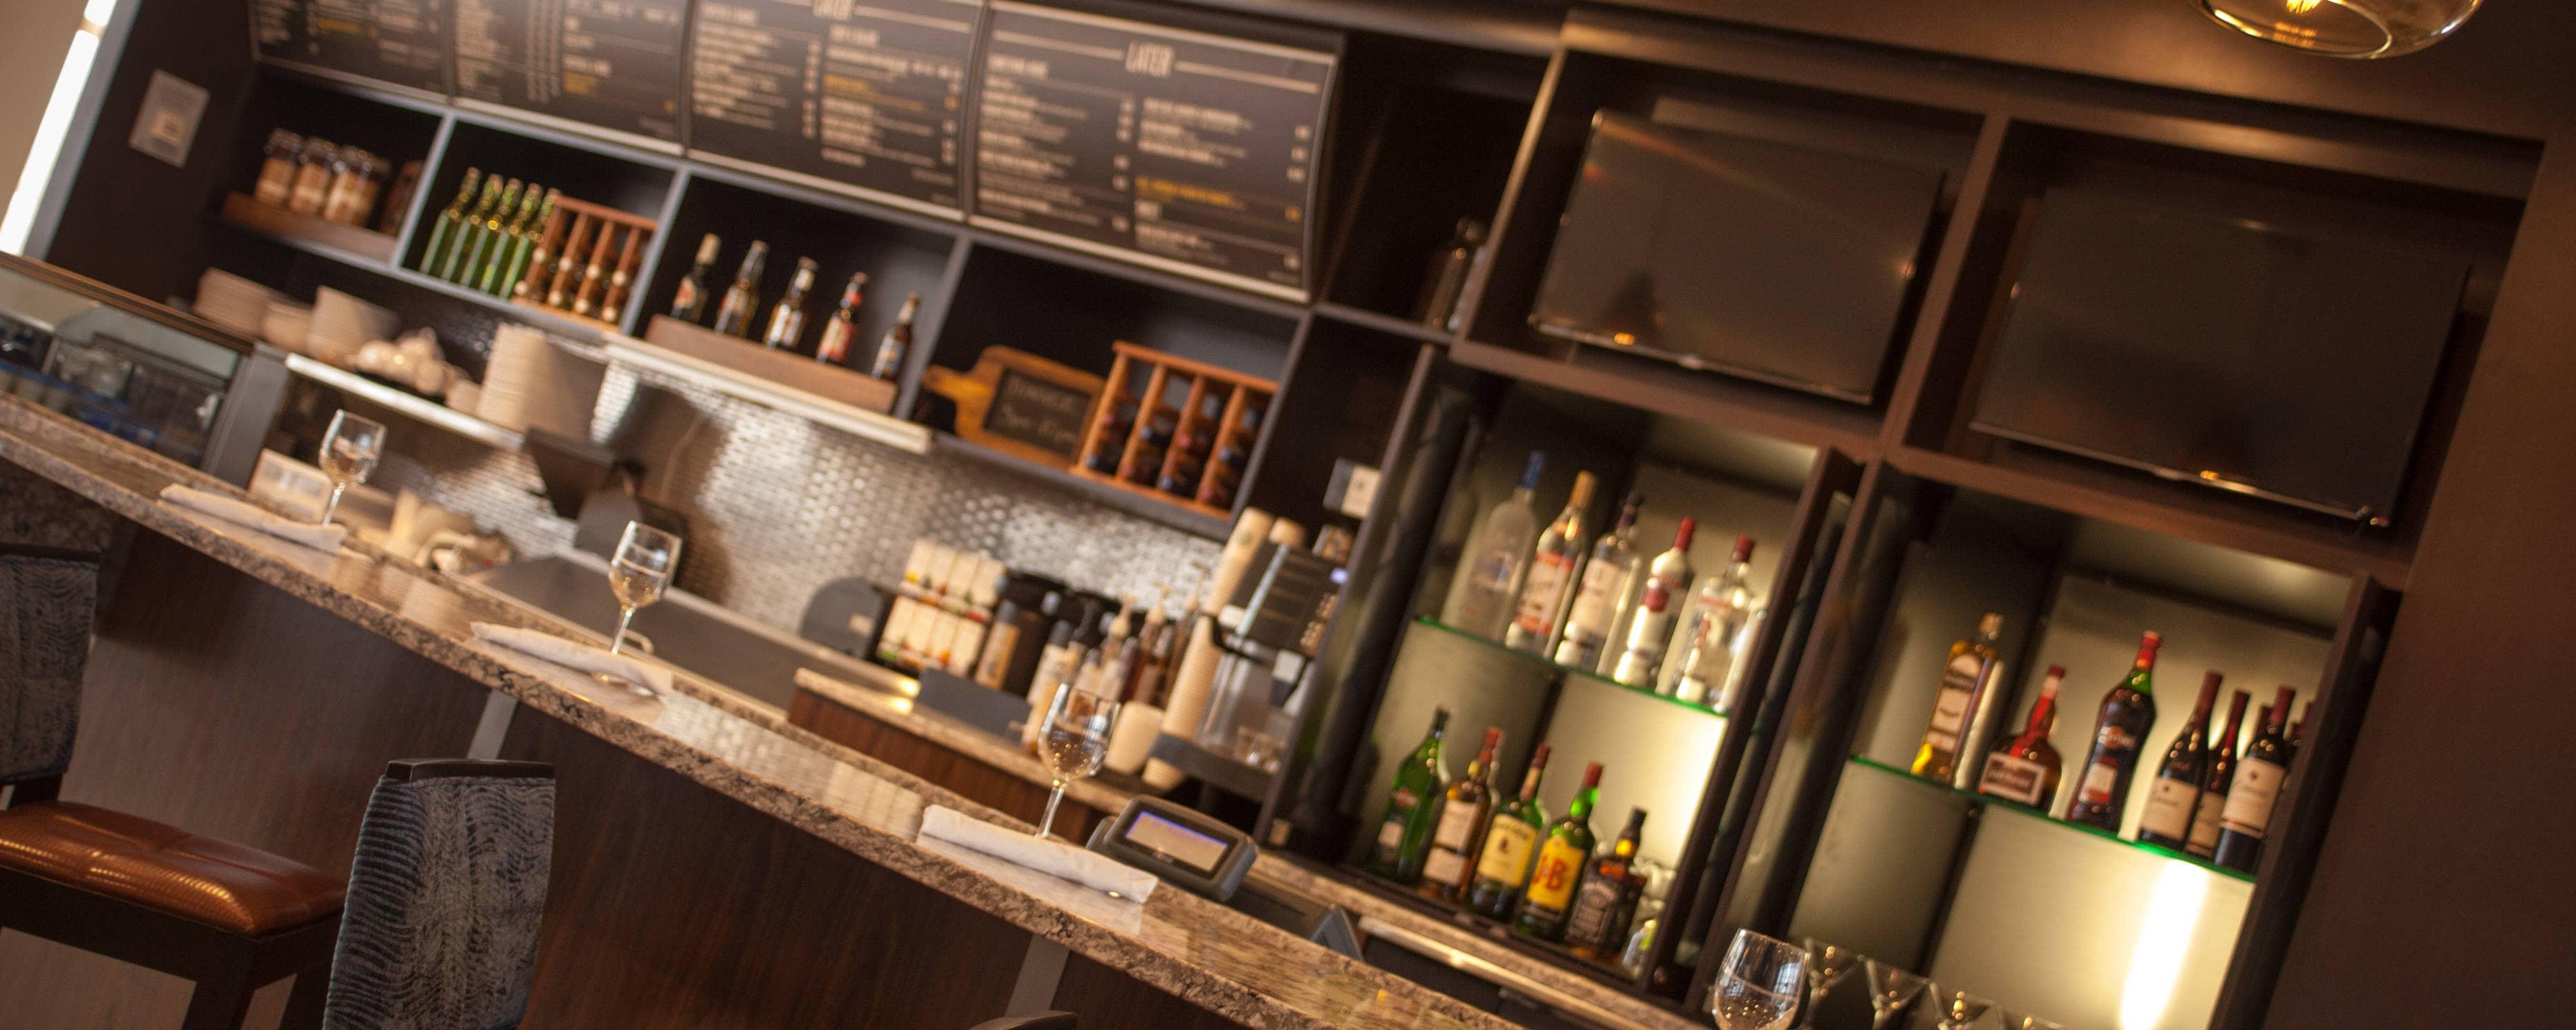 Aberdeen Md Hotels Restaurants And Lounges - Courtyard Aberdeen At